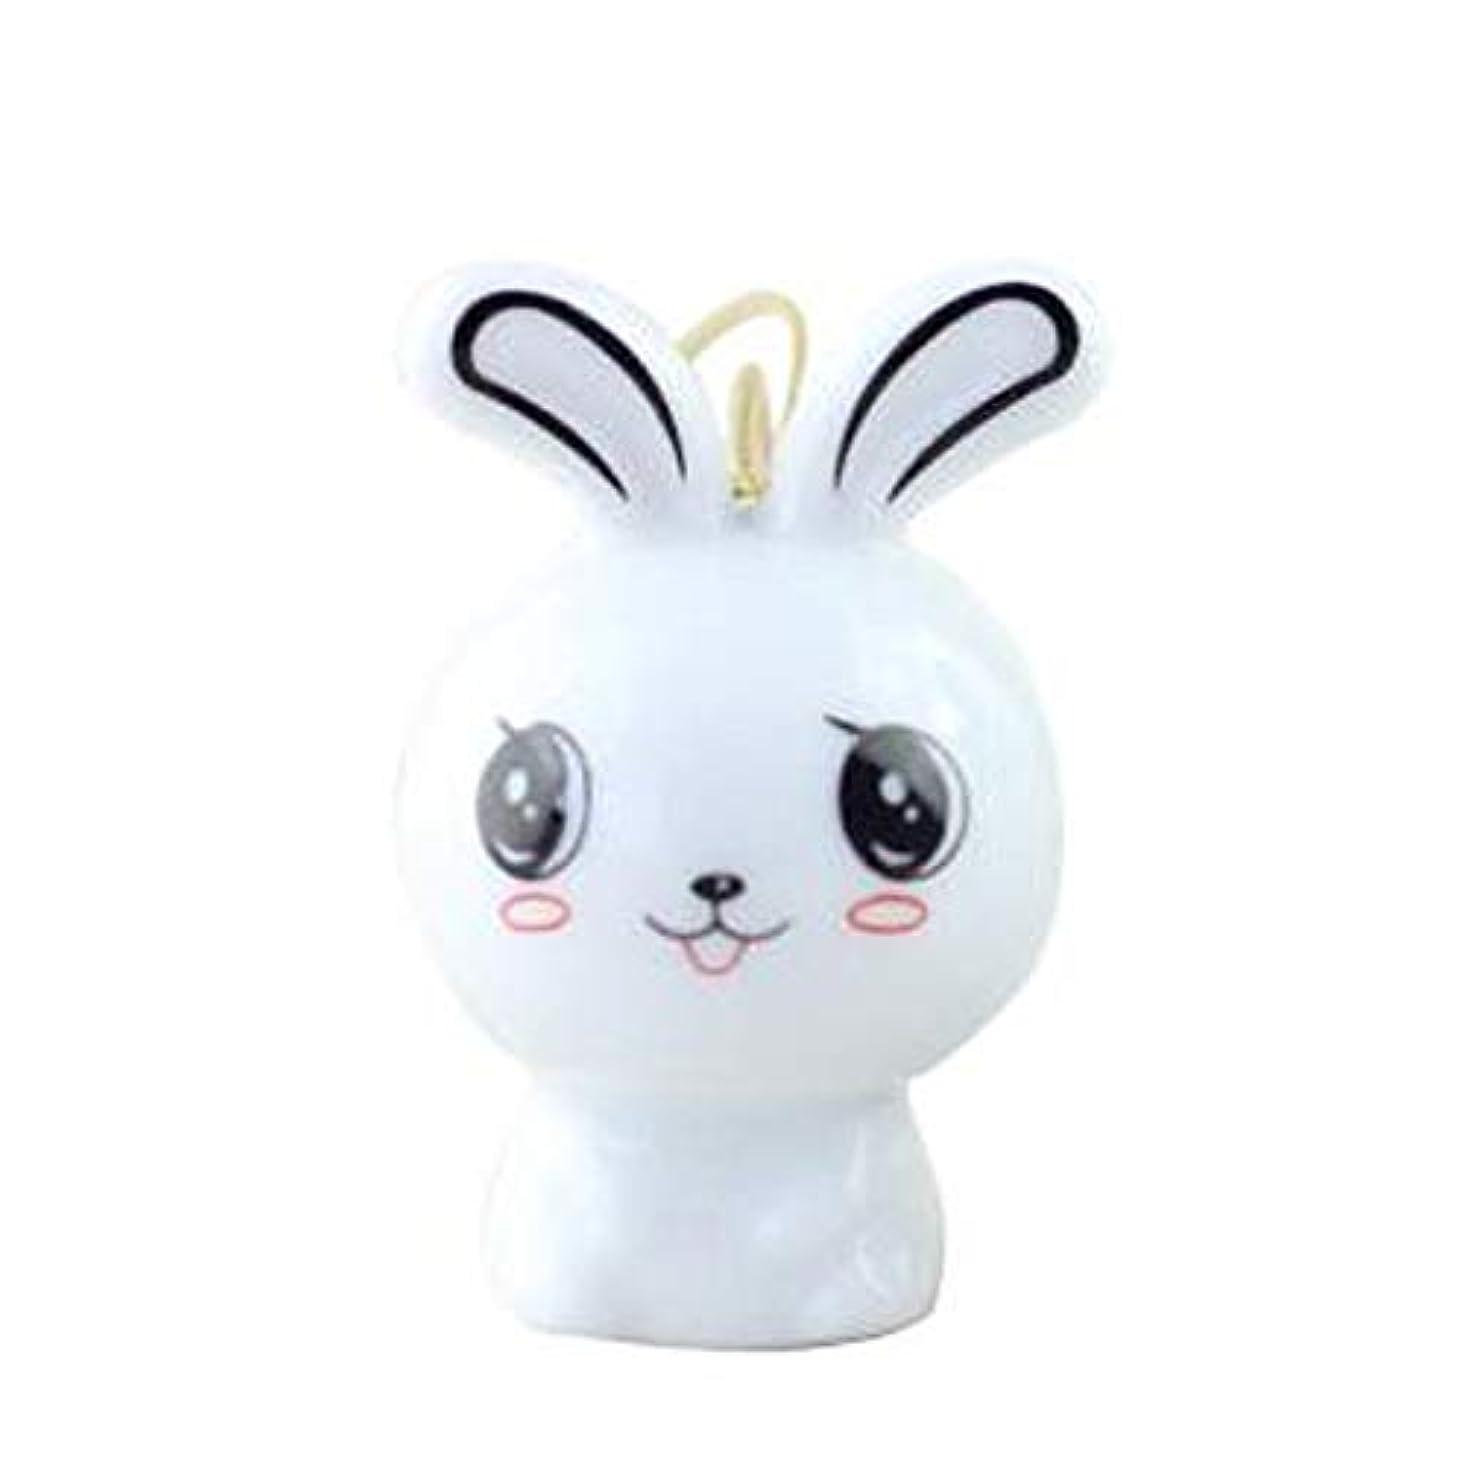 満足アルカトラズ島爆風Qiyuezhuangshi 風チャイム、クリエイティブ?セラミックウサギ風チャイム、白、6CMについて全身,美しいホリデーギフト (Color : White)